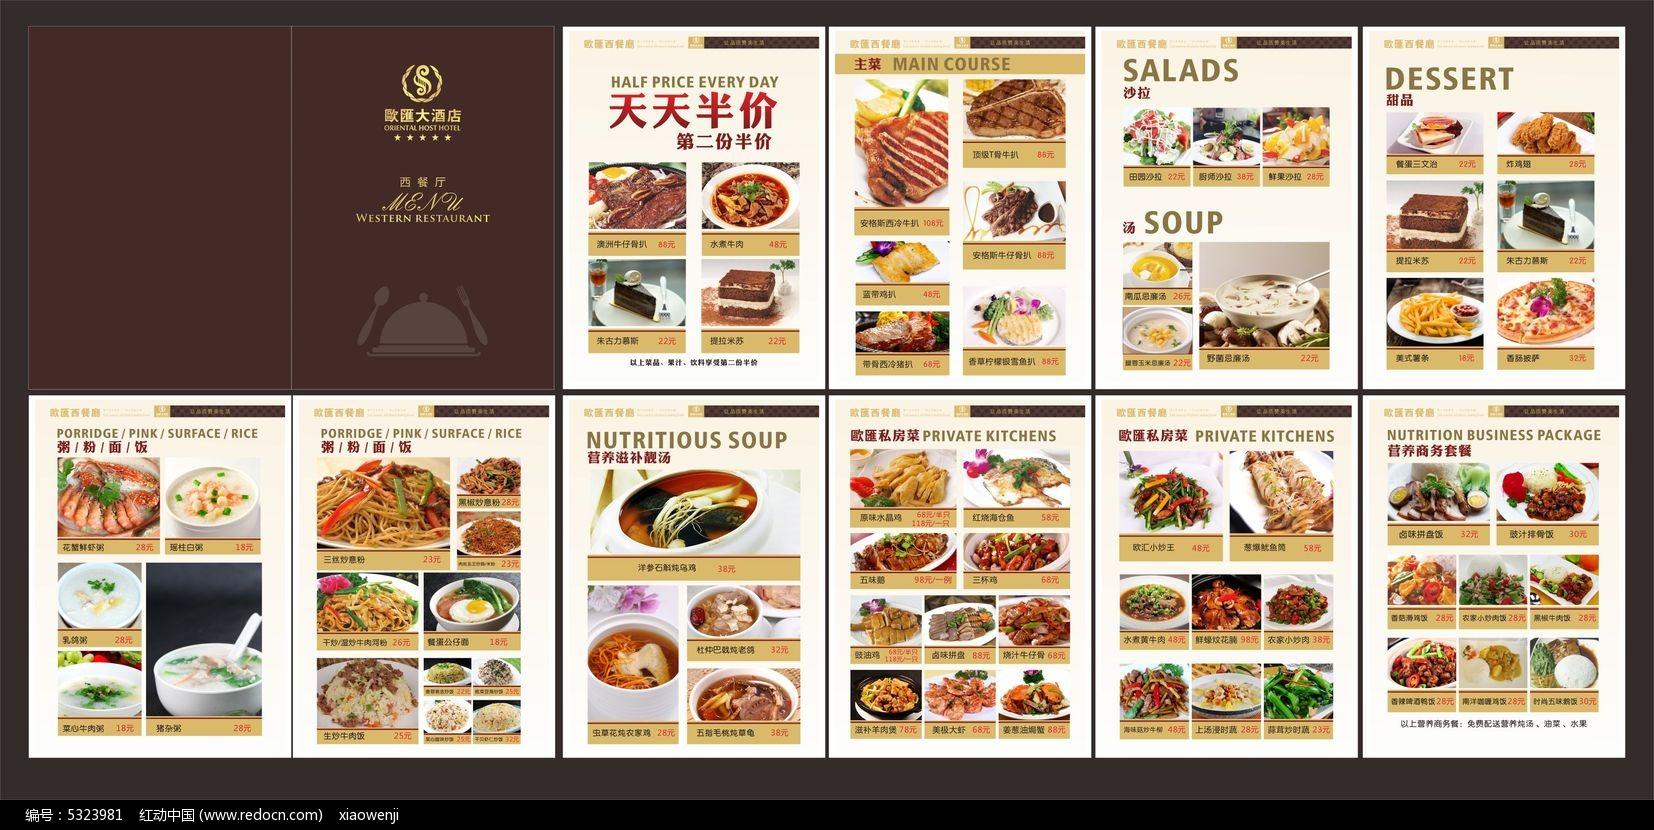 西餐厅菜单提示分享_第4页_设计图展示协会设计癞蛤蟆想吃天鹅肉图片